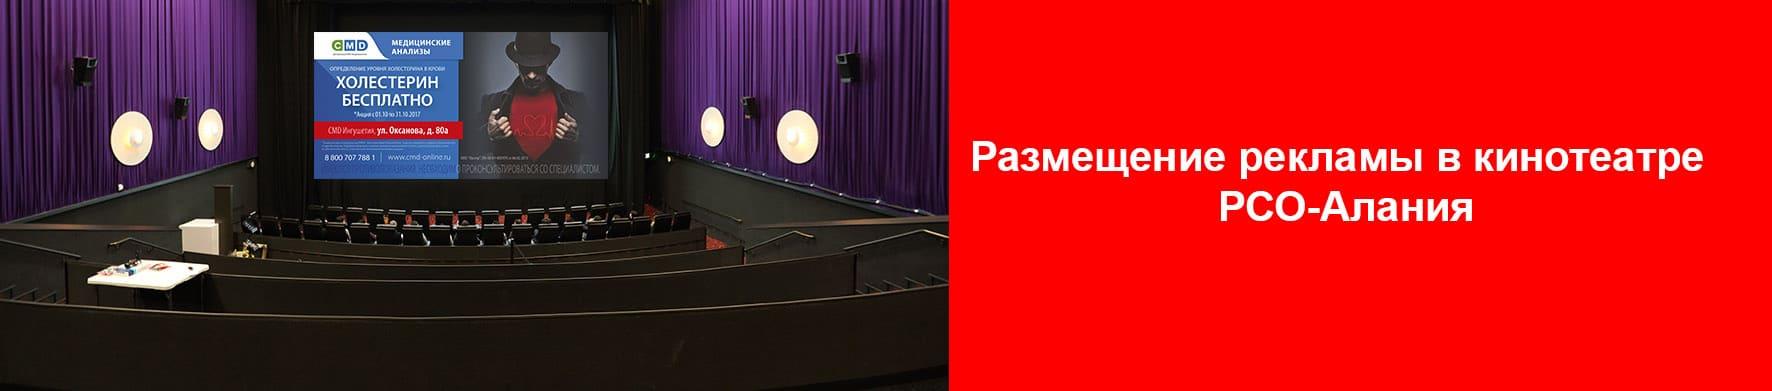 Реклама в кинотеатре Владикавказ